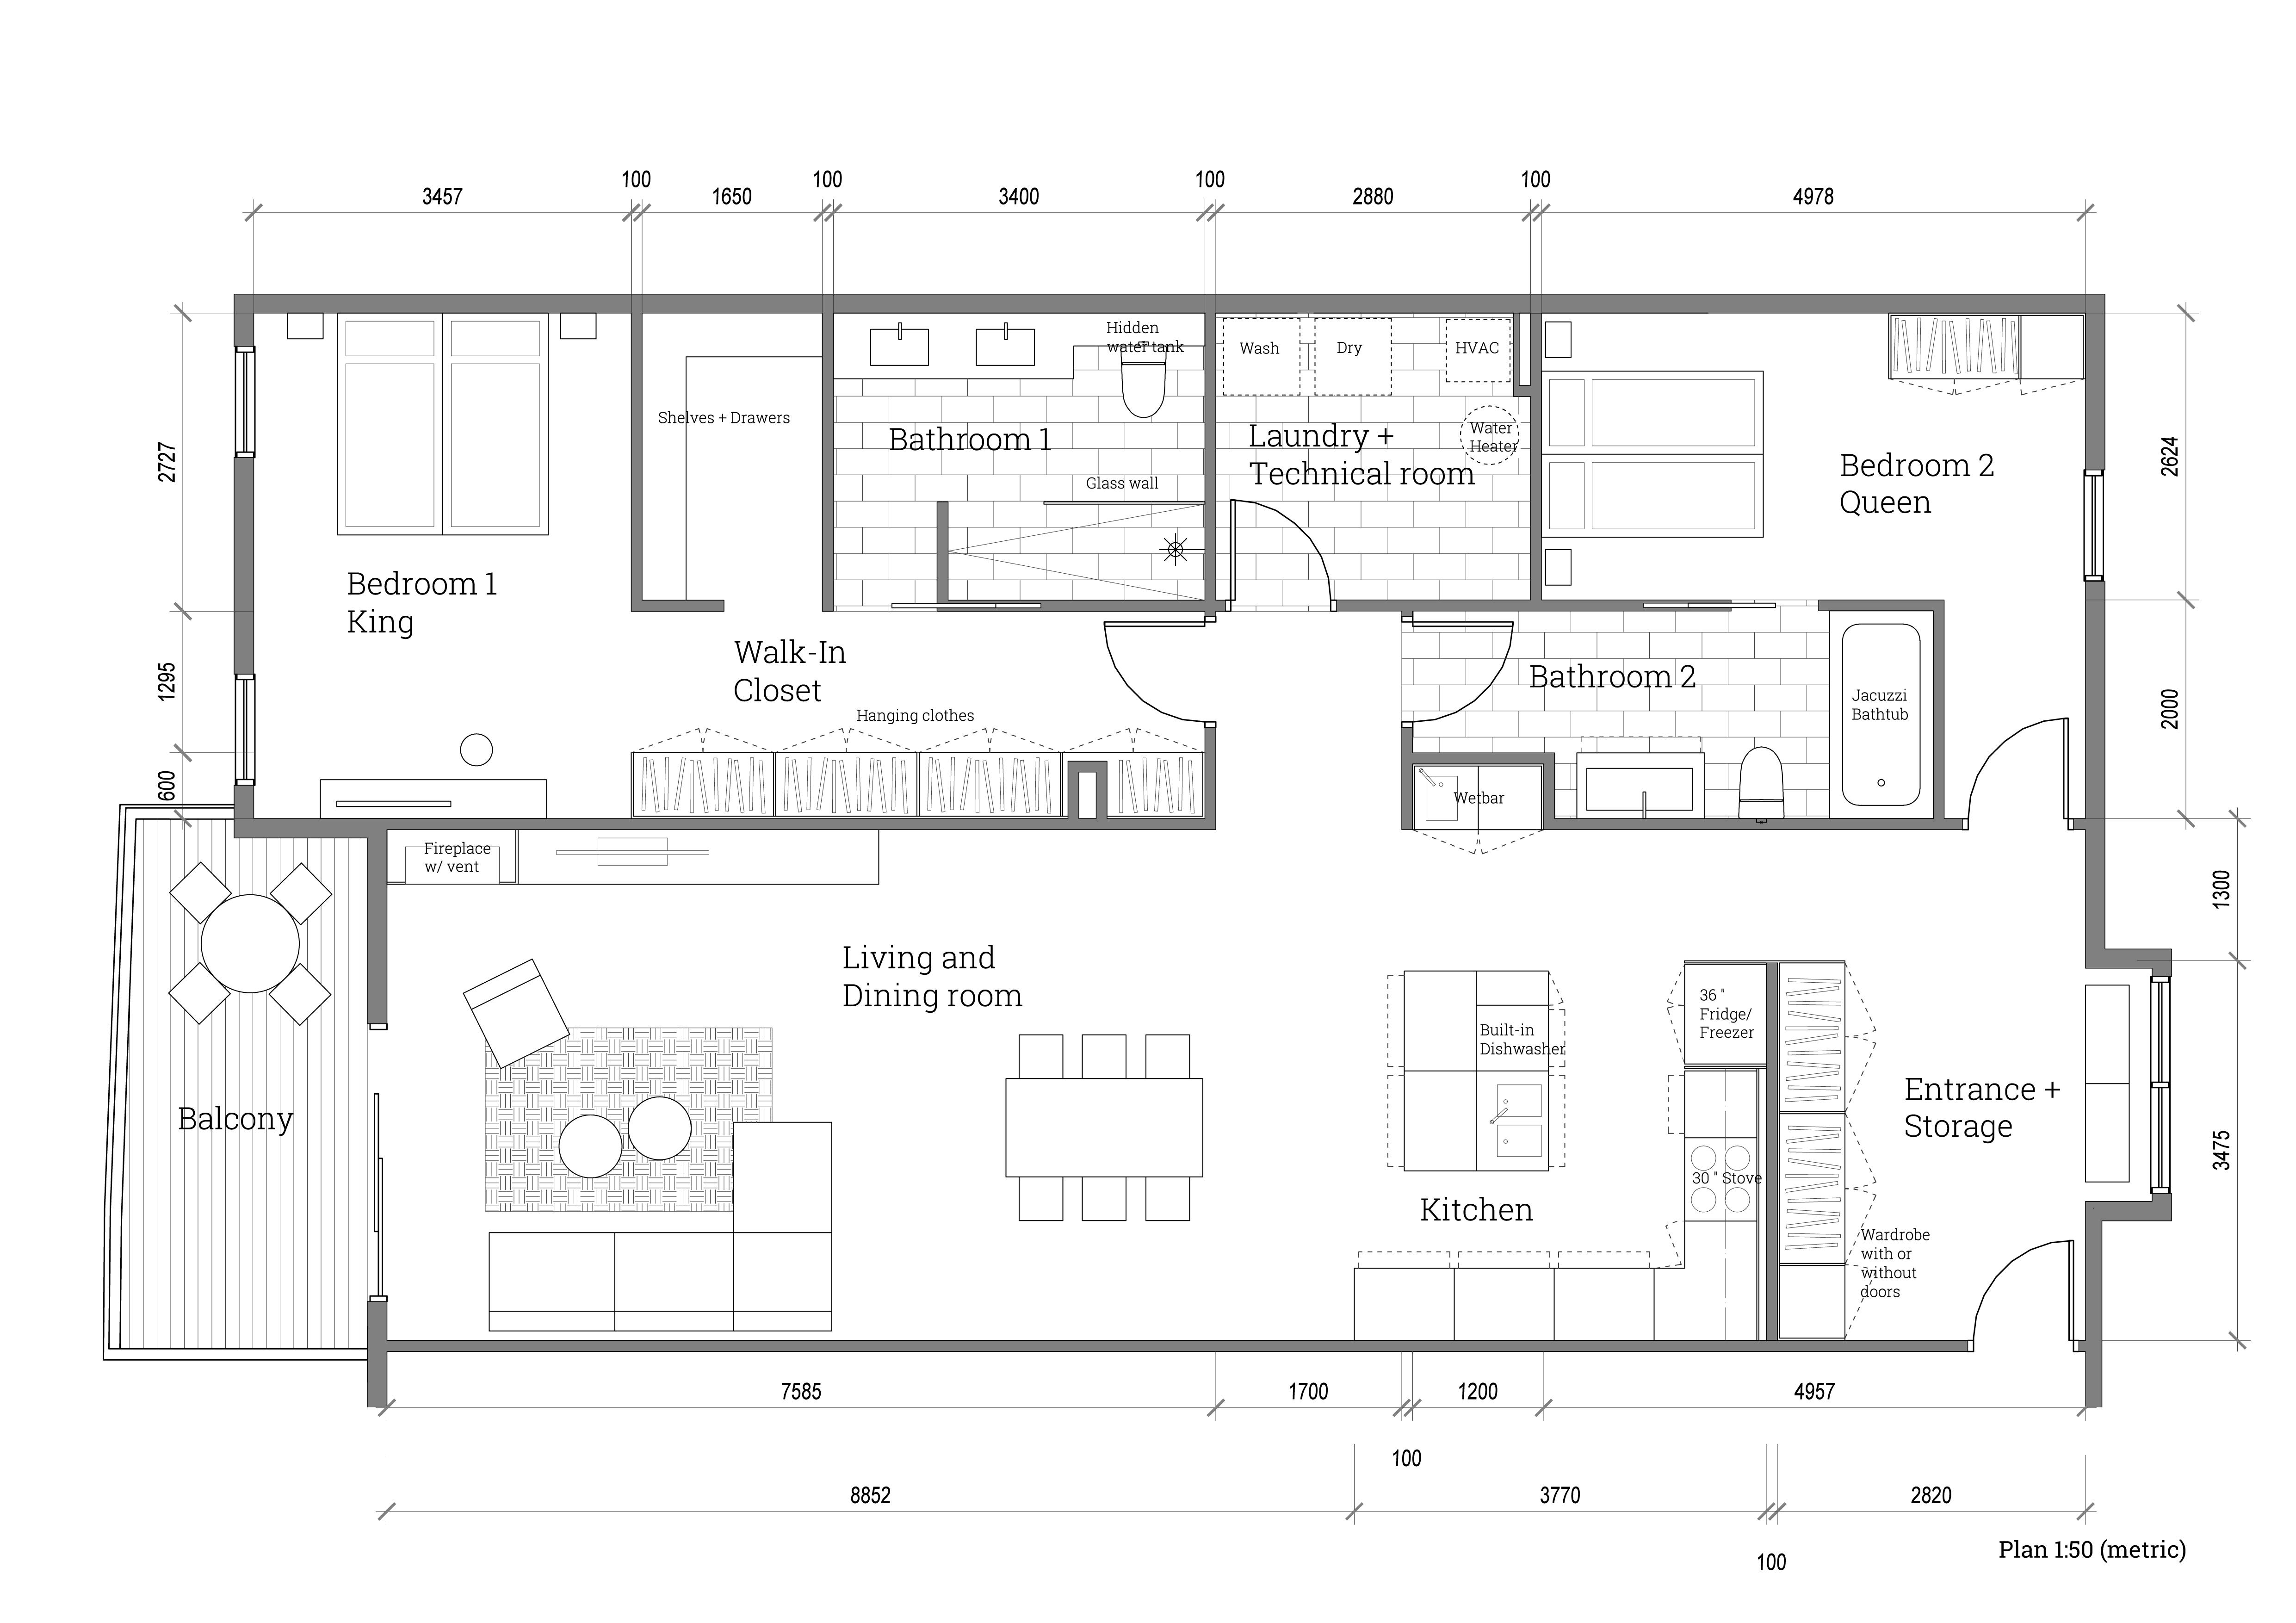 16 top photos ideas for small condo floor plans for Condo building plans